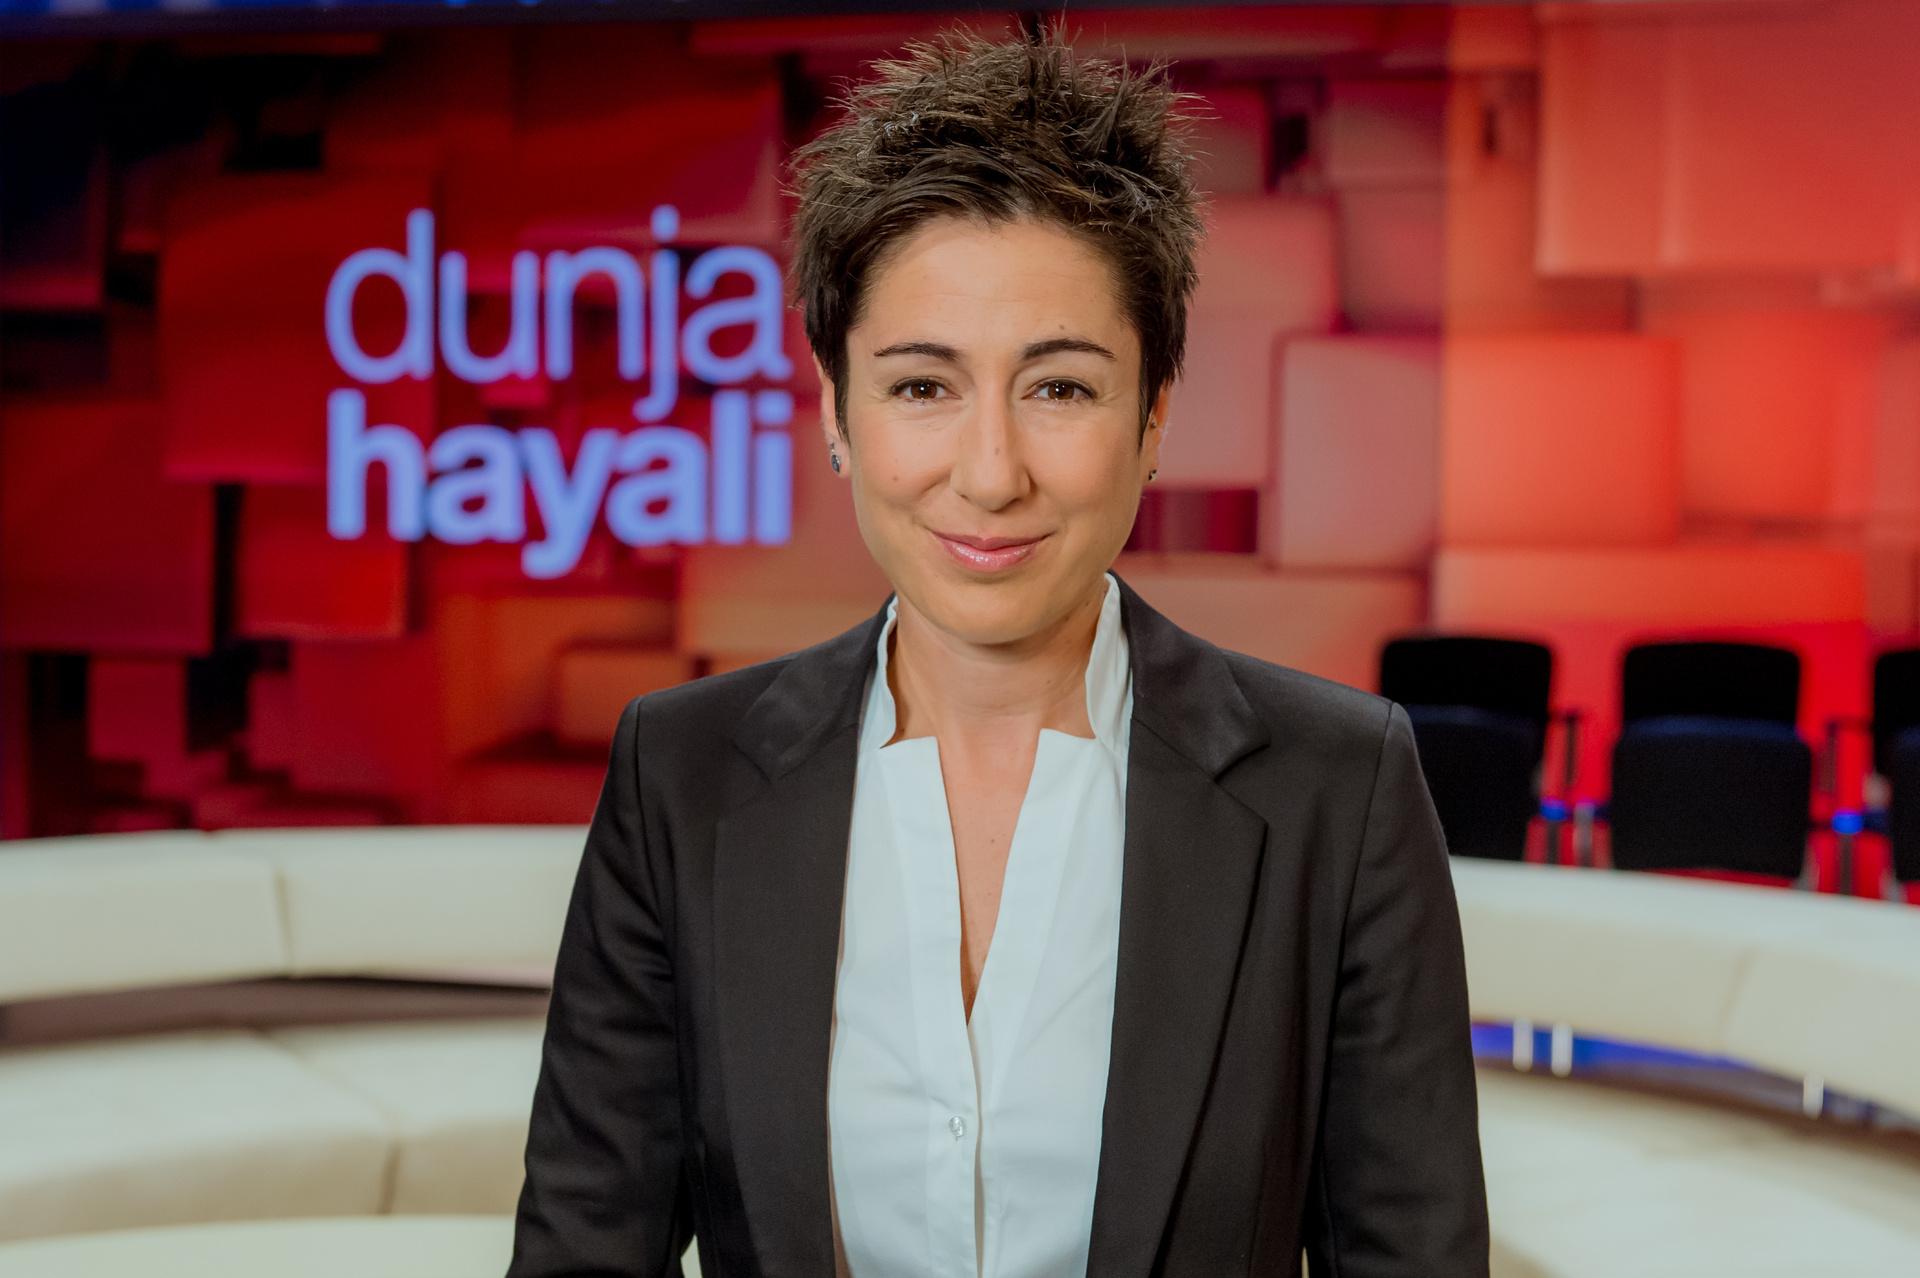 Dunja hayali die themen g ste heute abend im zdf for Spiegel tv magazin heute themen